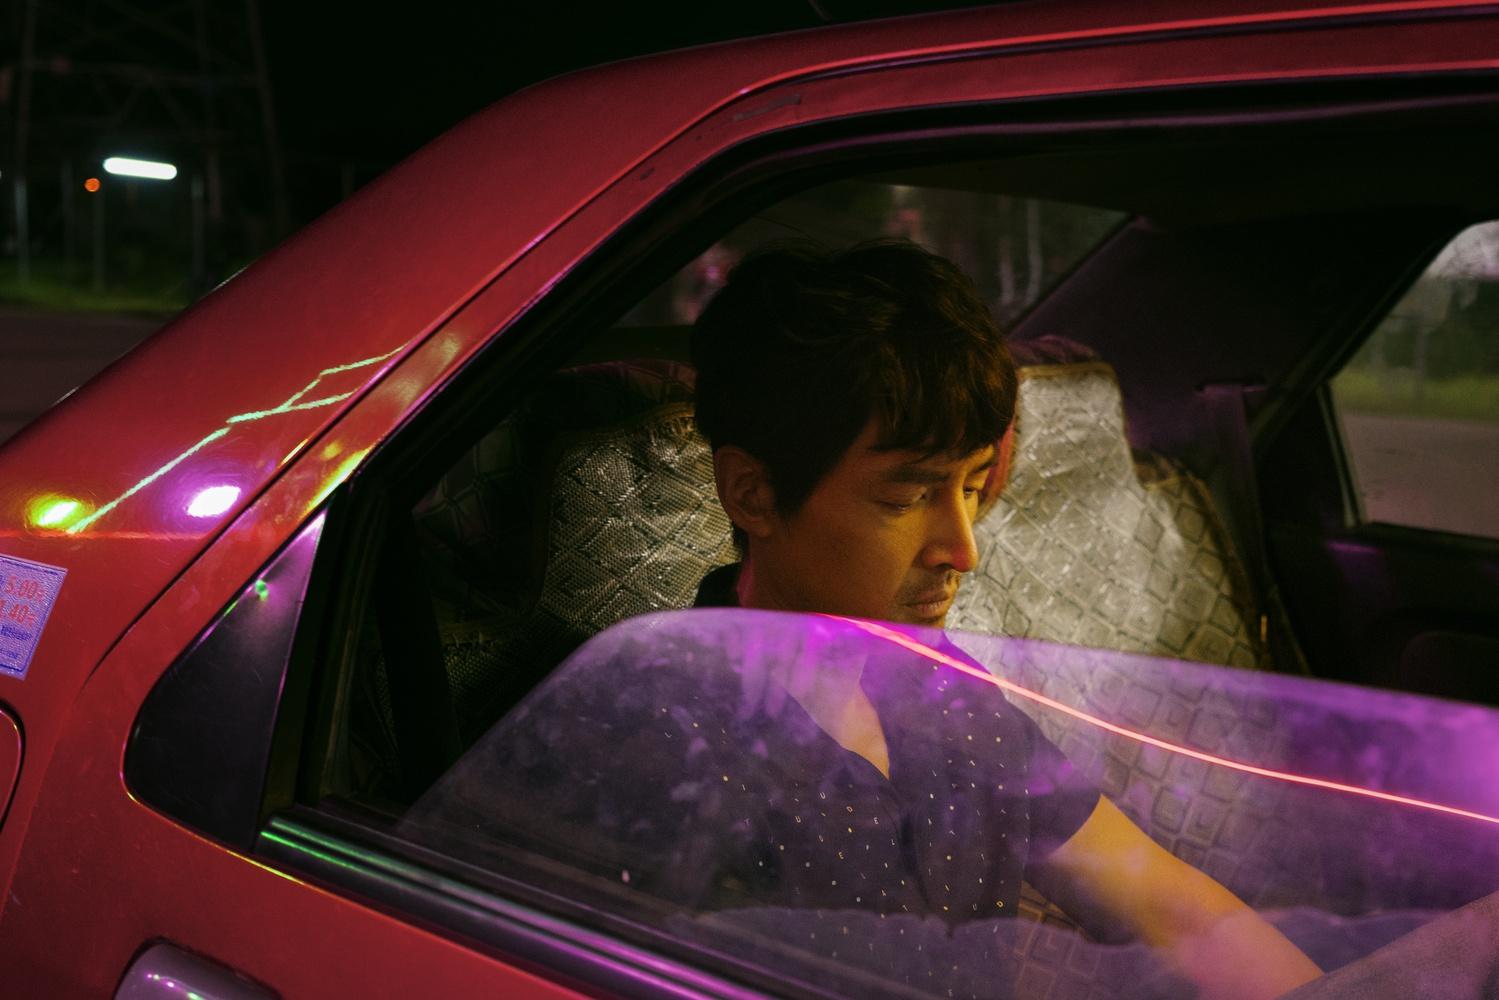 """Hu Ge stars as Zhou Zenong in Diao Yinan's """"Nan Fang Che Zhan De Ju Hui"""" (""""Wild Goose Lake""""), which premiered in Competition at Cannes."""